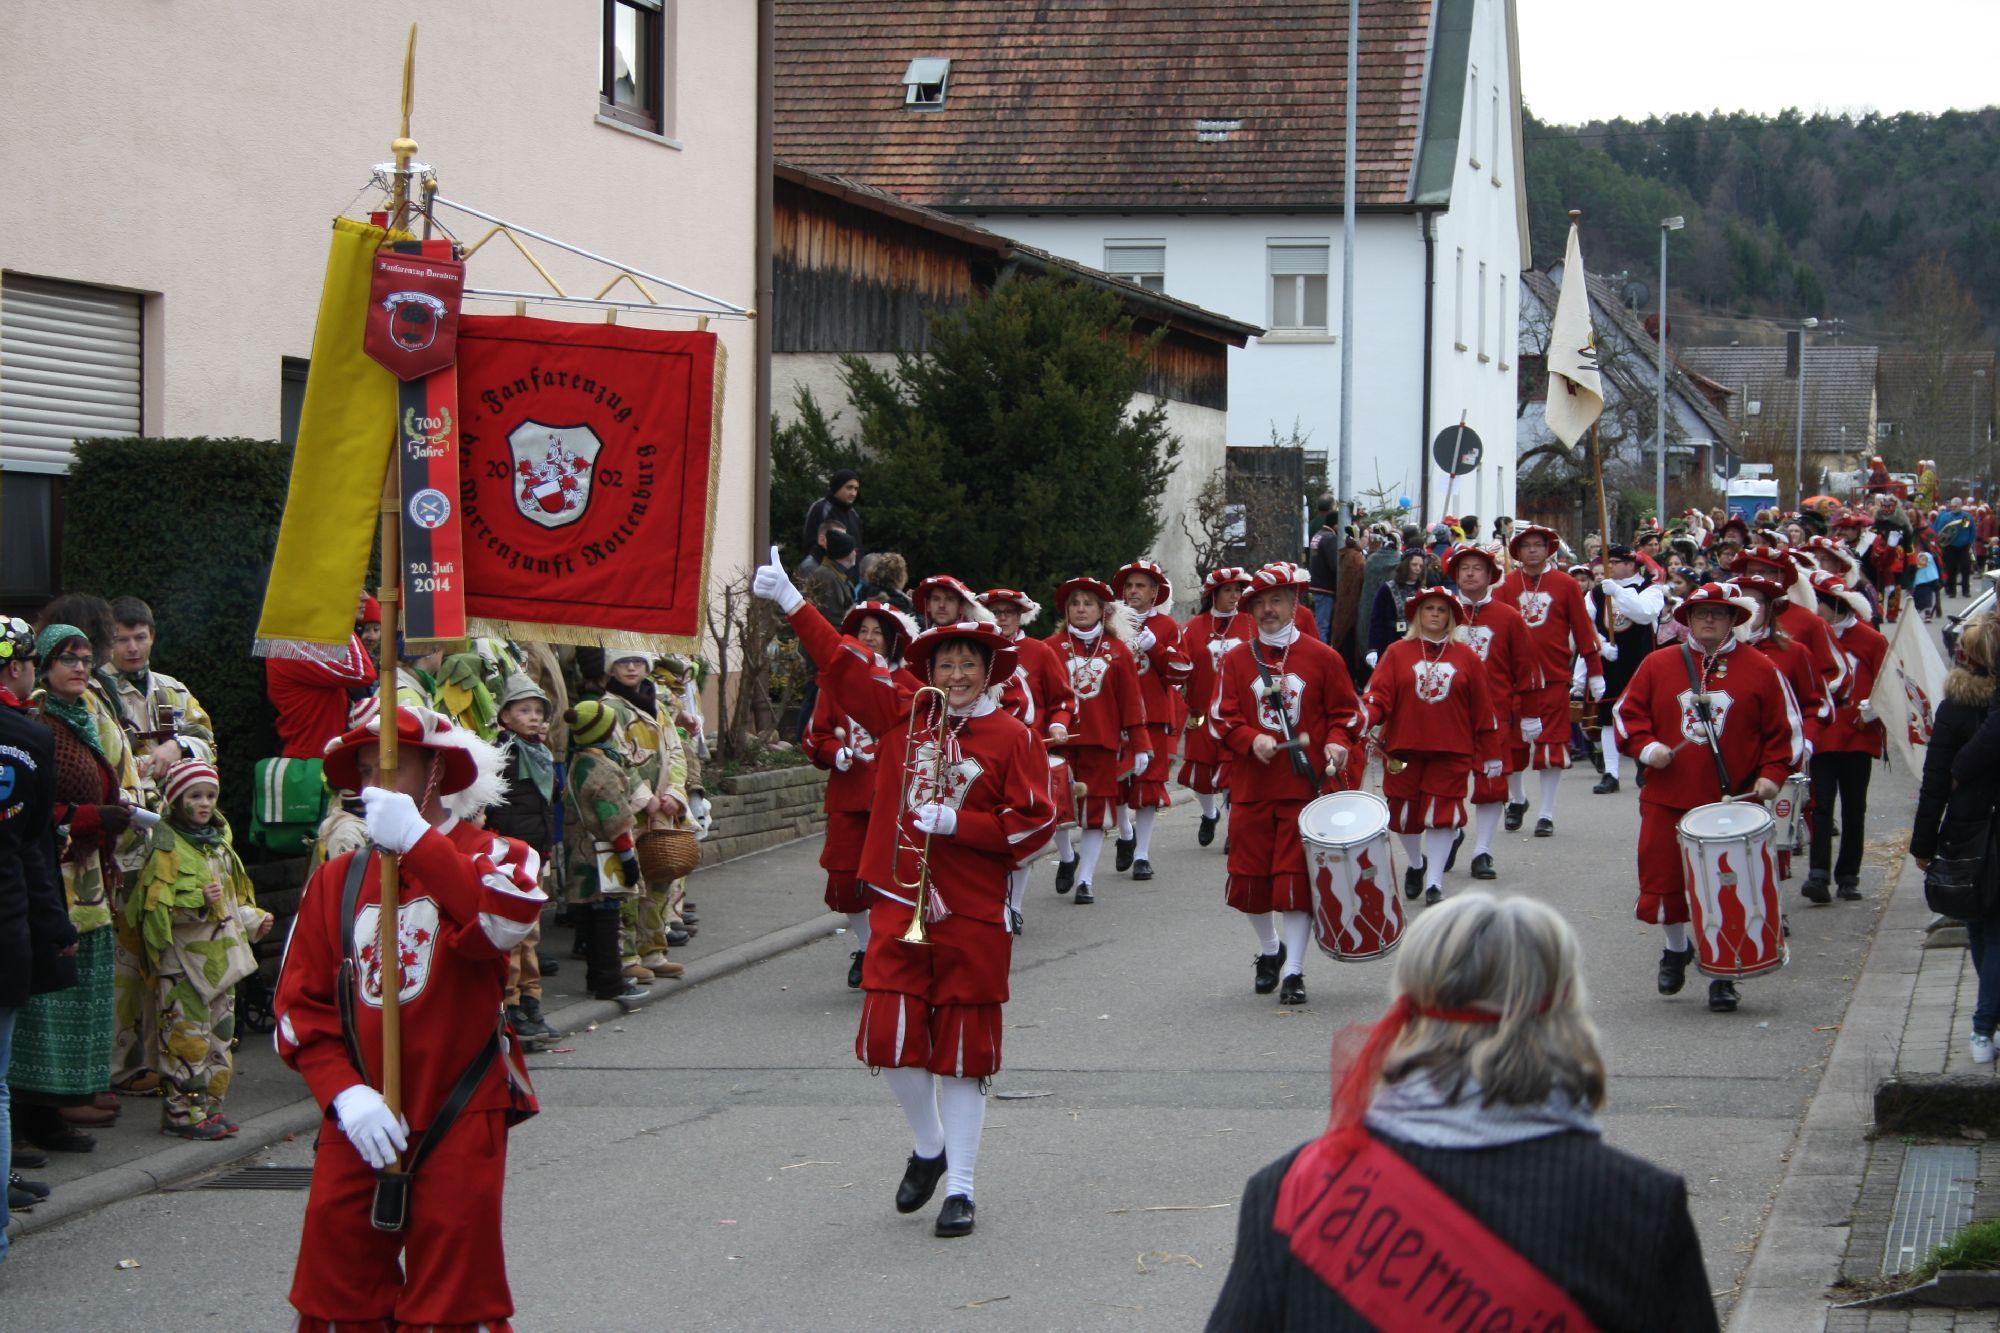 Narrenzunft Rottenburg